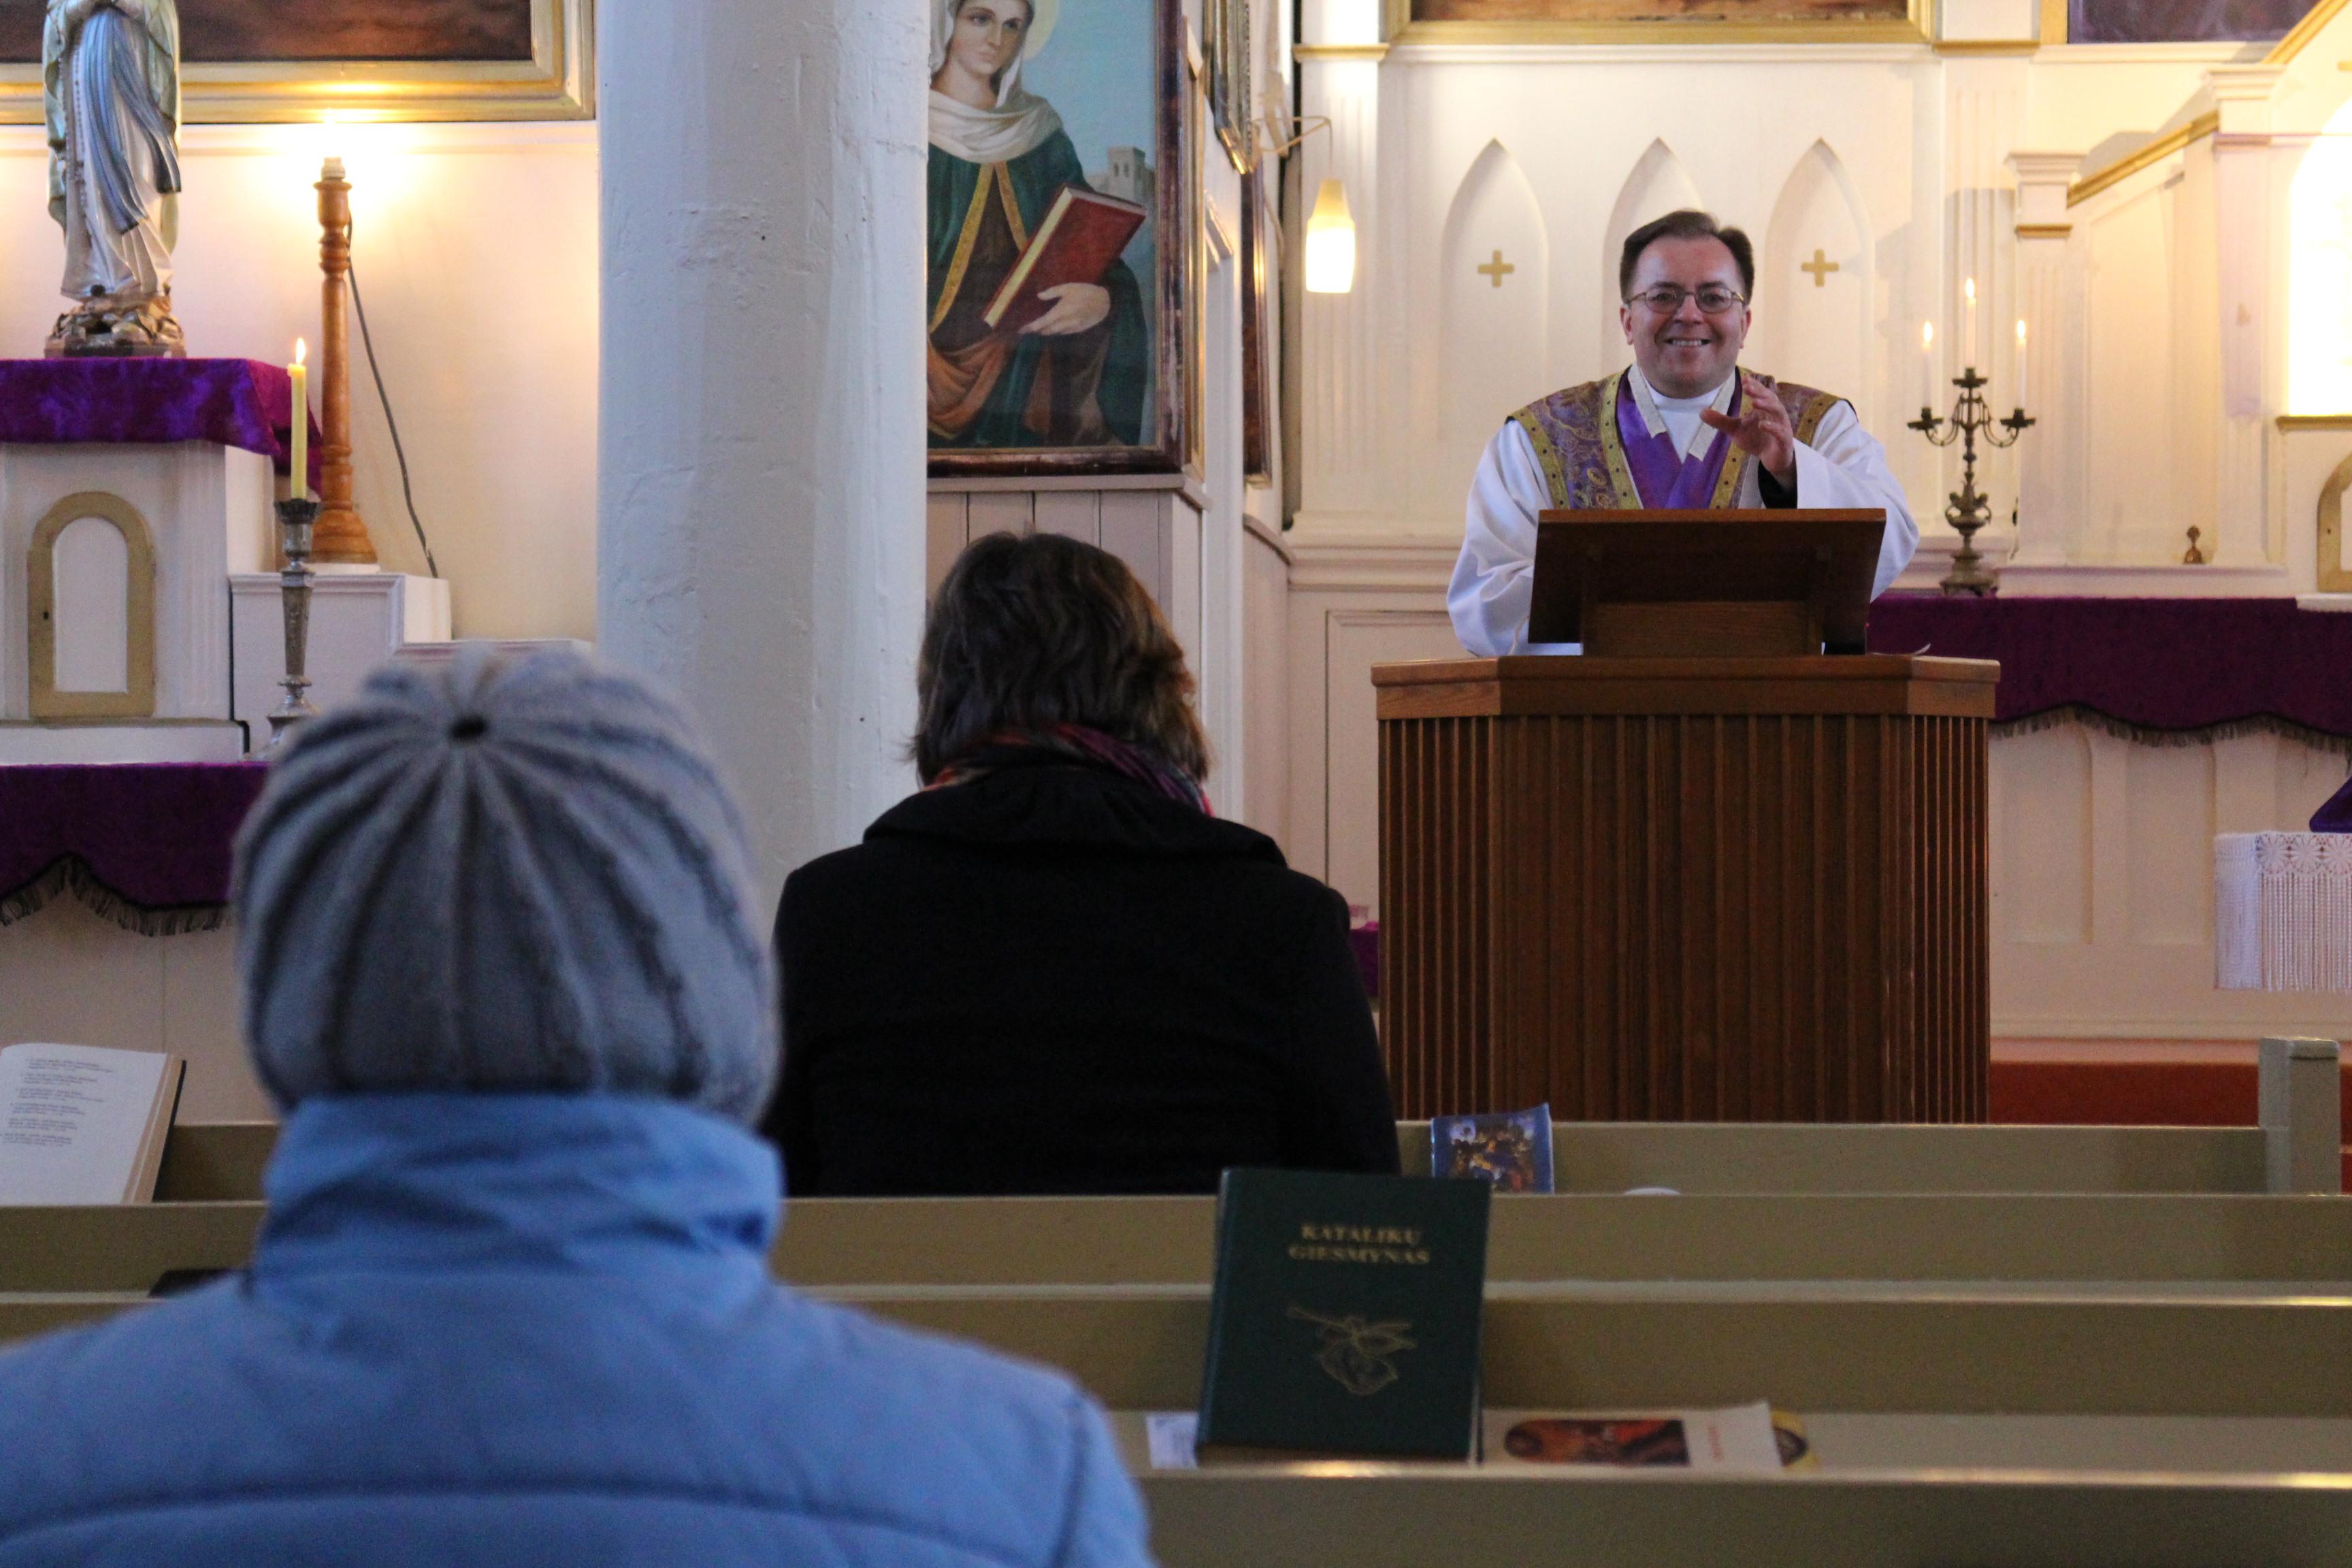 Jaunoje bažnyčioje jaunos ir širdys